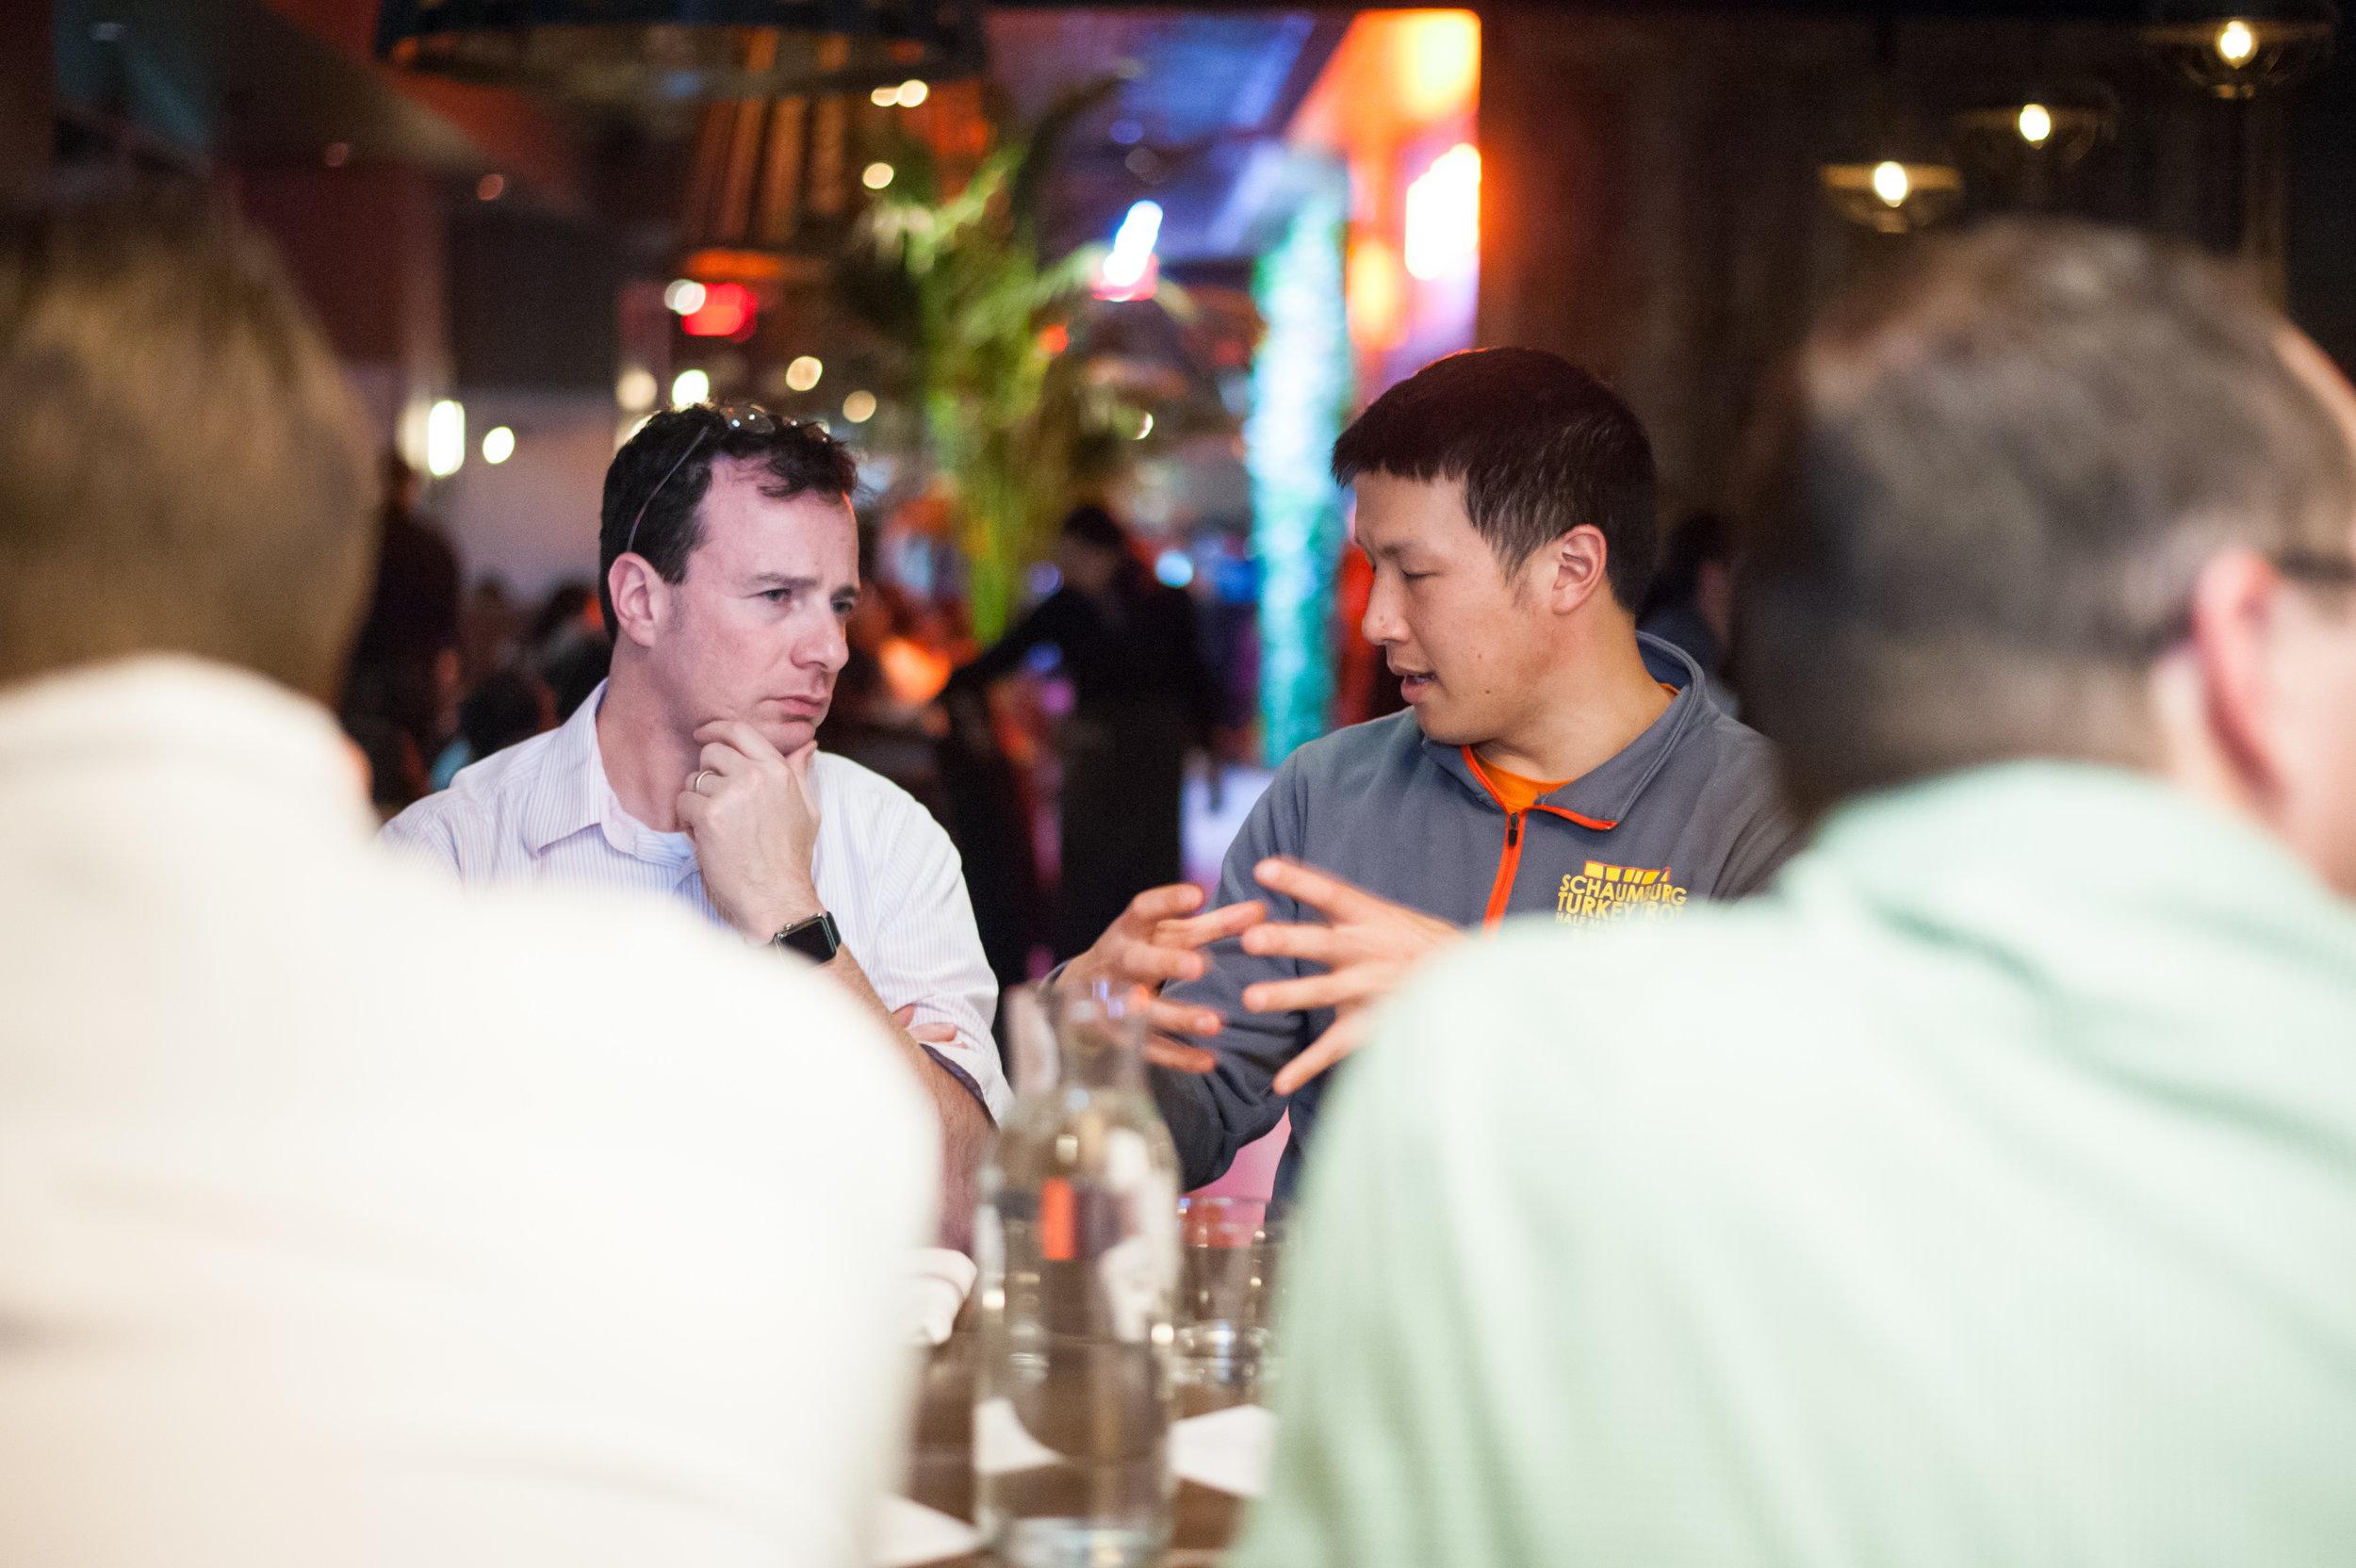 YEC members deep in conversation